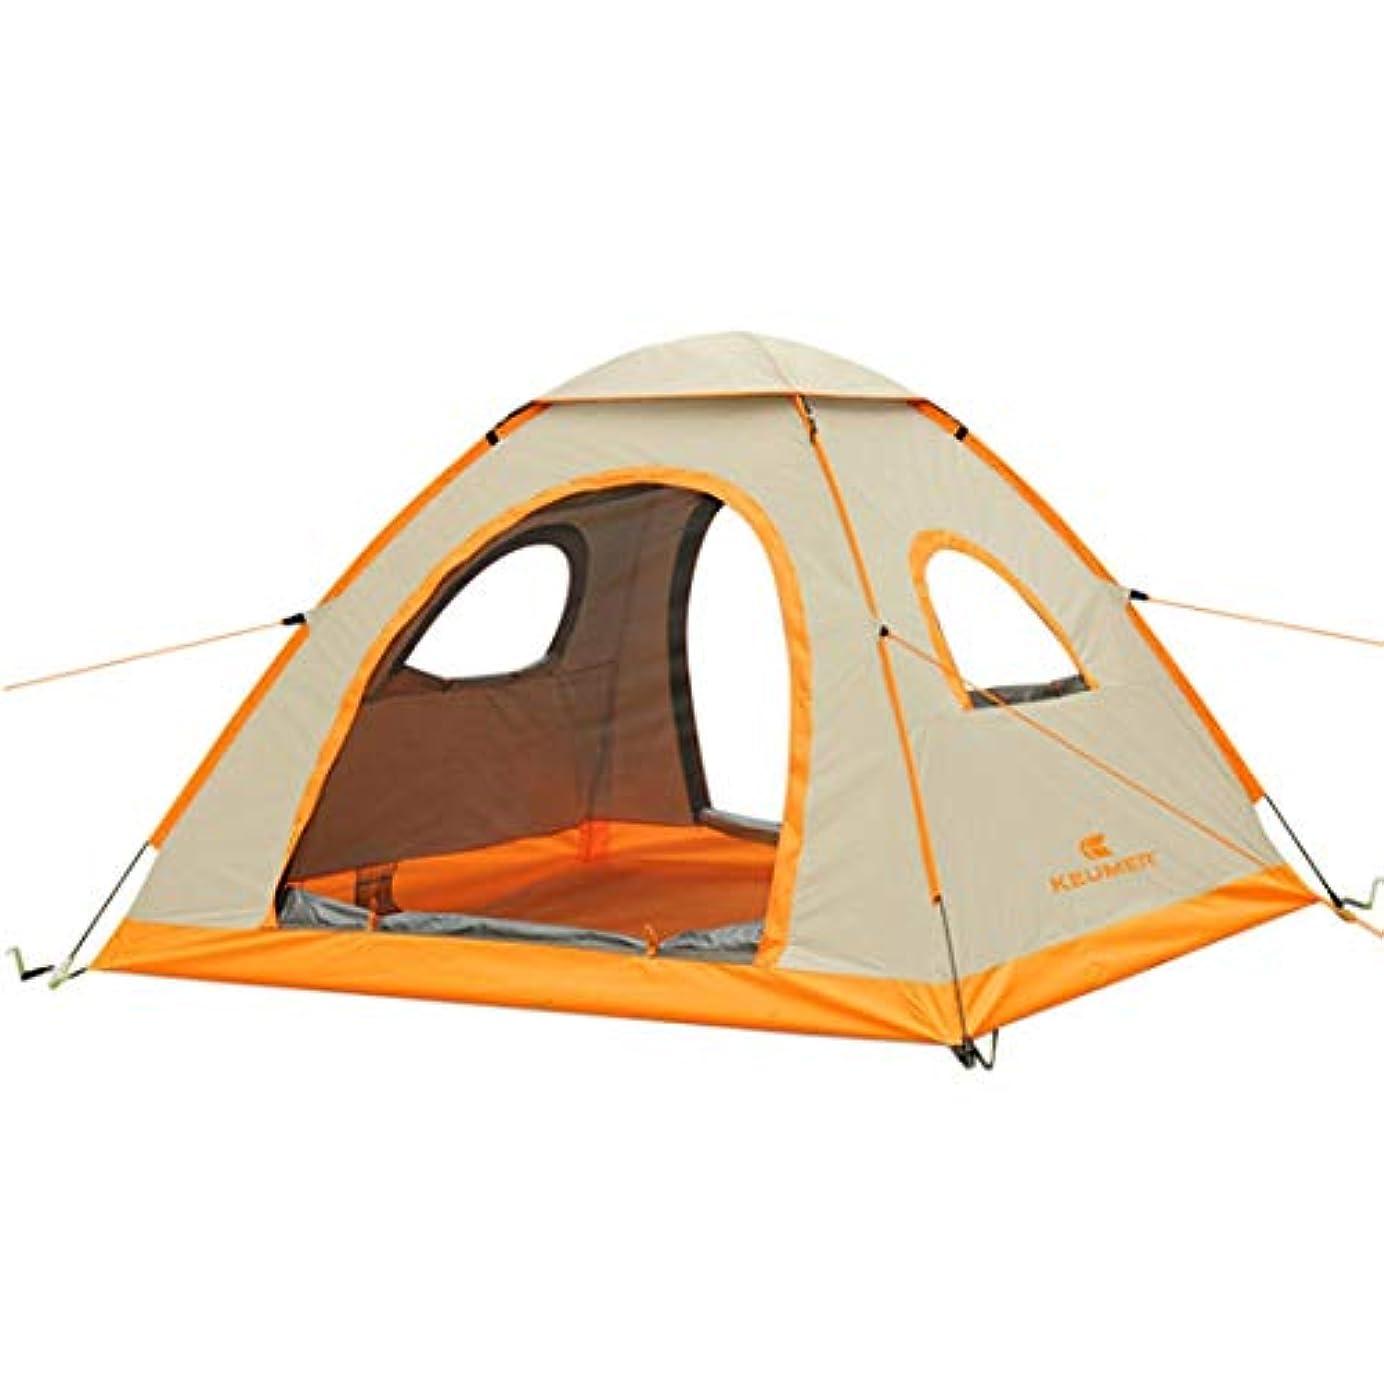 保安炎上通知Bemin サンシェードテント ワンタッチテント テント 3-4人用 折りたたみ 自動テント 設営簡単 大空間 軽量 防水 設営簡単 通気 自動 防雨 ビーチ 海水浴 砂浜 登山 公園 旅行 収納バッグ付き